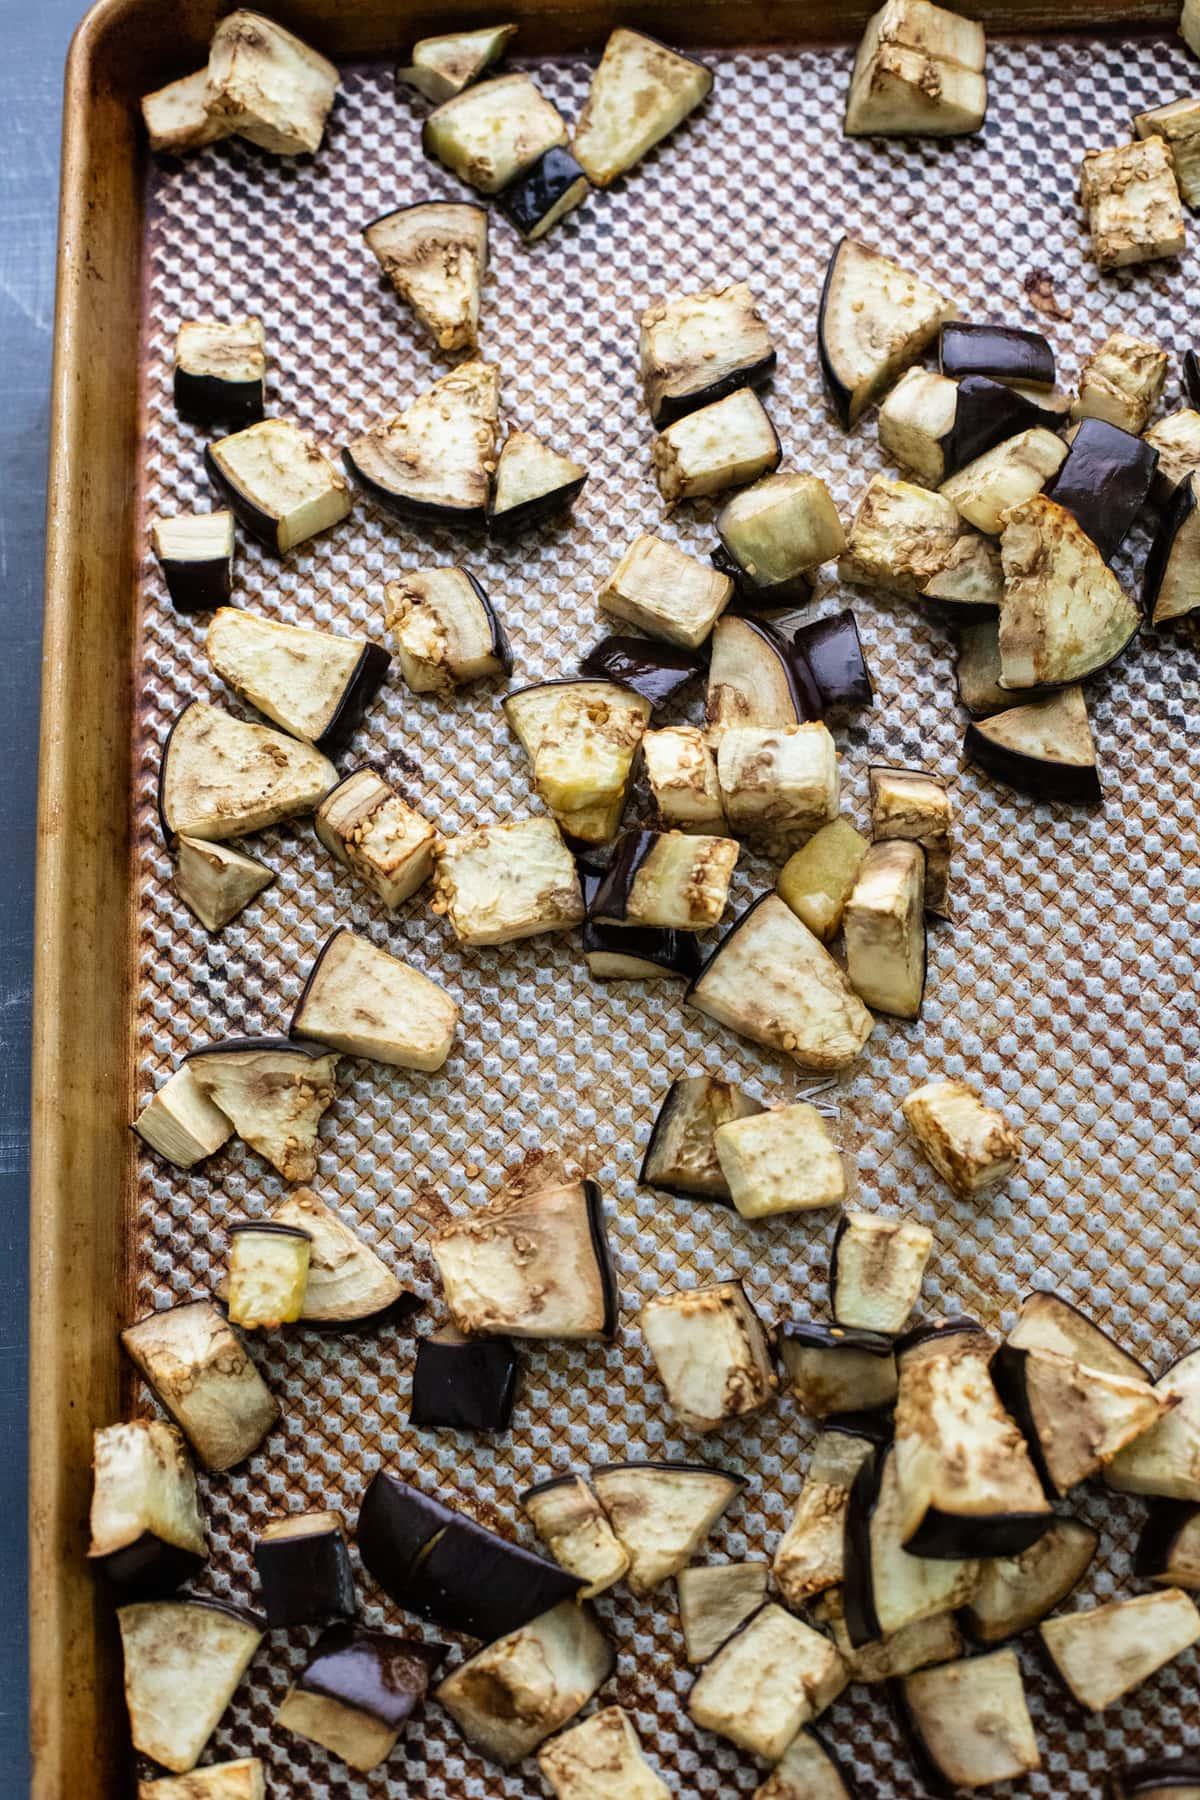 roasted eggplant pieces arranged on baking sheet.